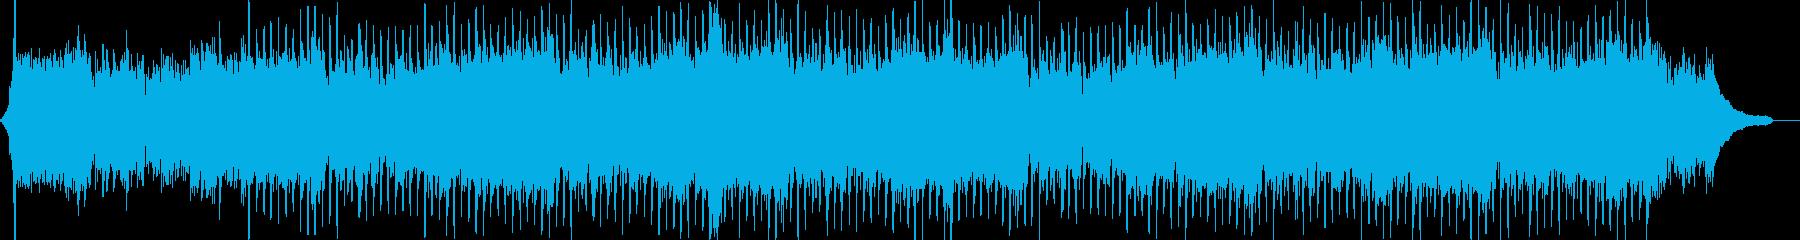 企業VP系47、爽やかピアノ4つ打ちaの再生済みの波形